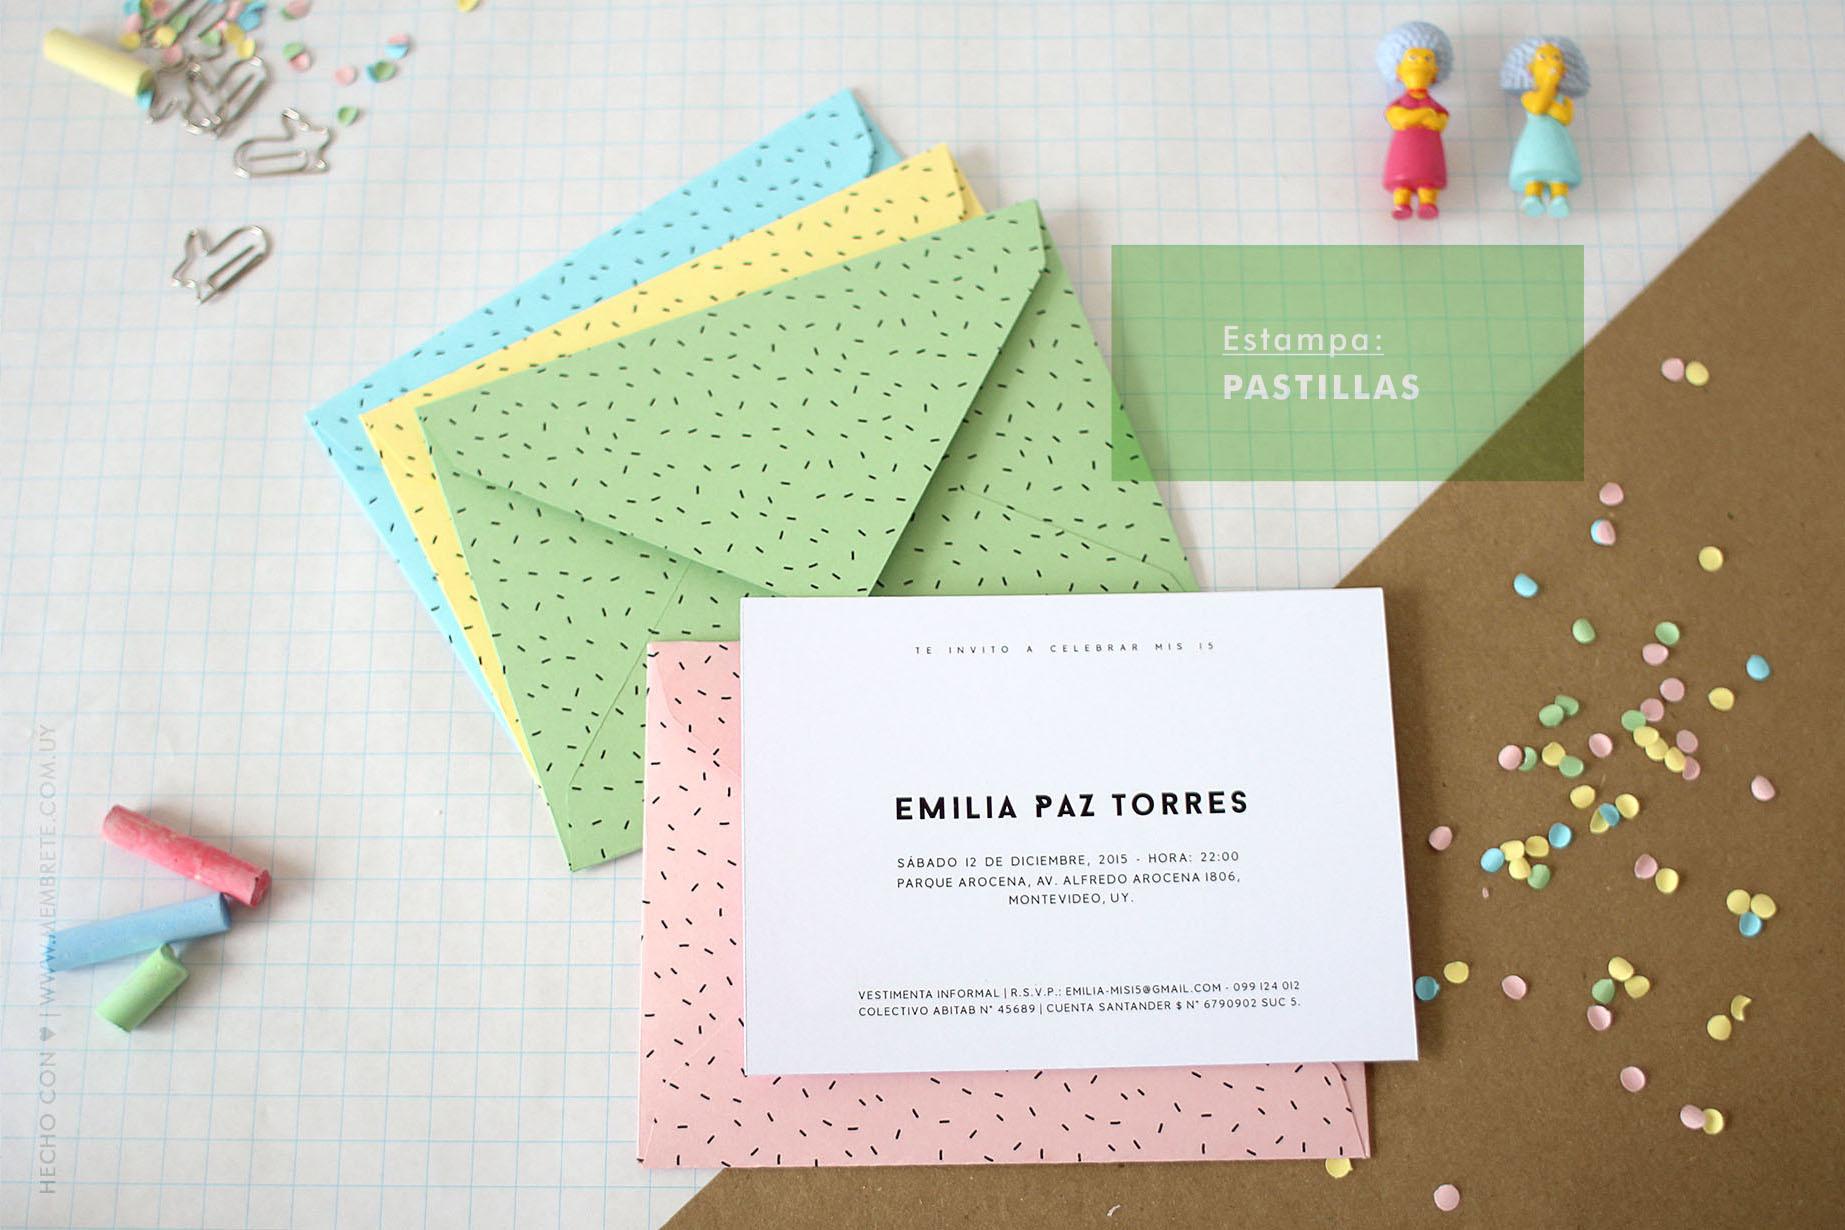 Emilia ♪ Fiesta 15 | Membrete | Invitaciones en papel | www.membrete.com.uy